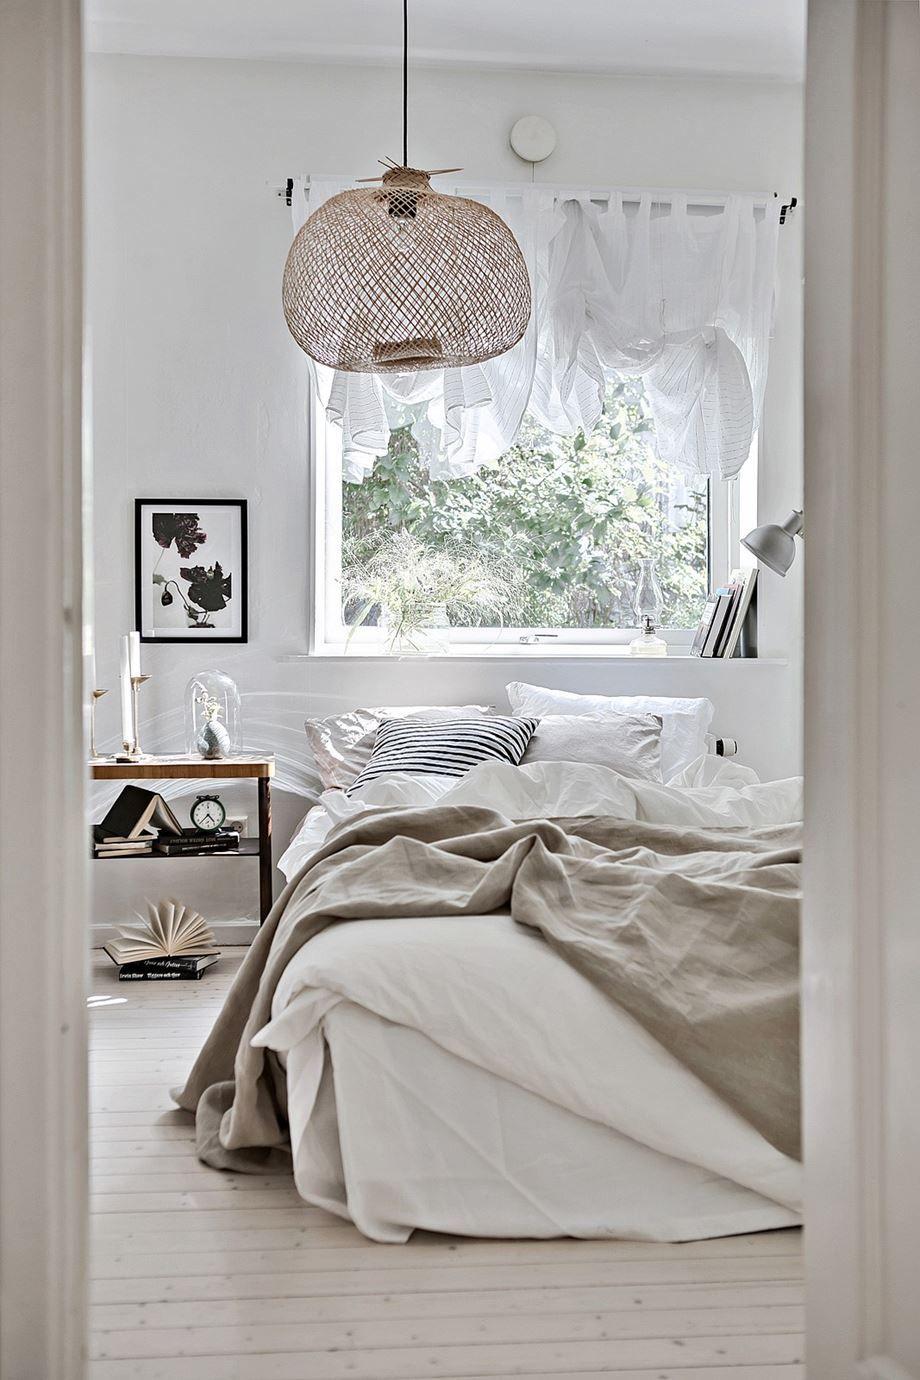 Pin von Aliceswonderingheart auf Room decor Schlafzimmer